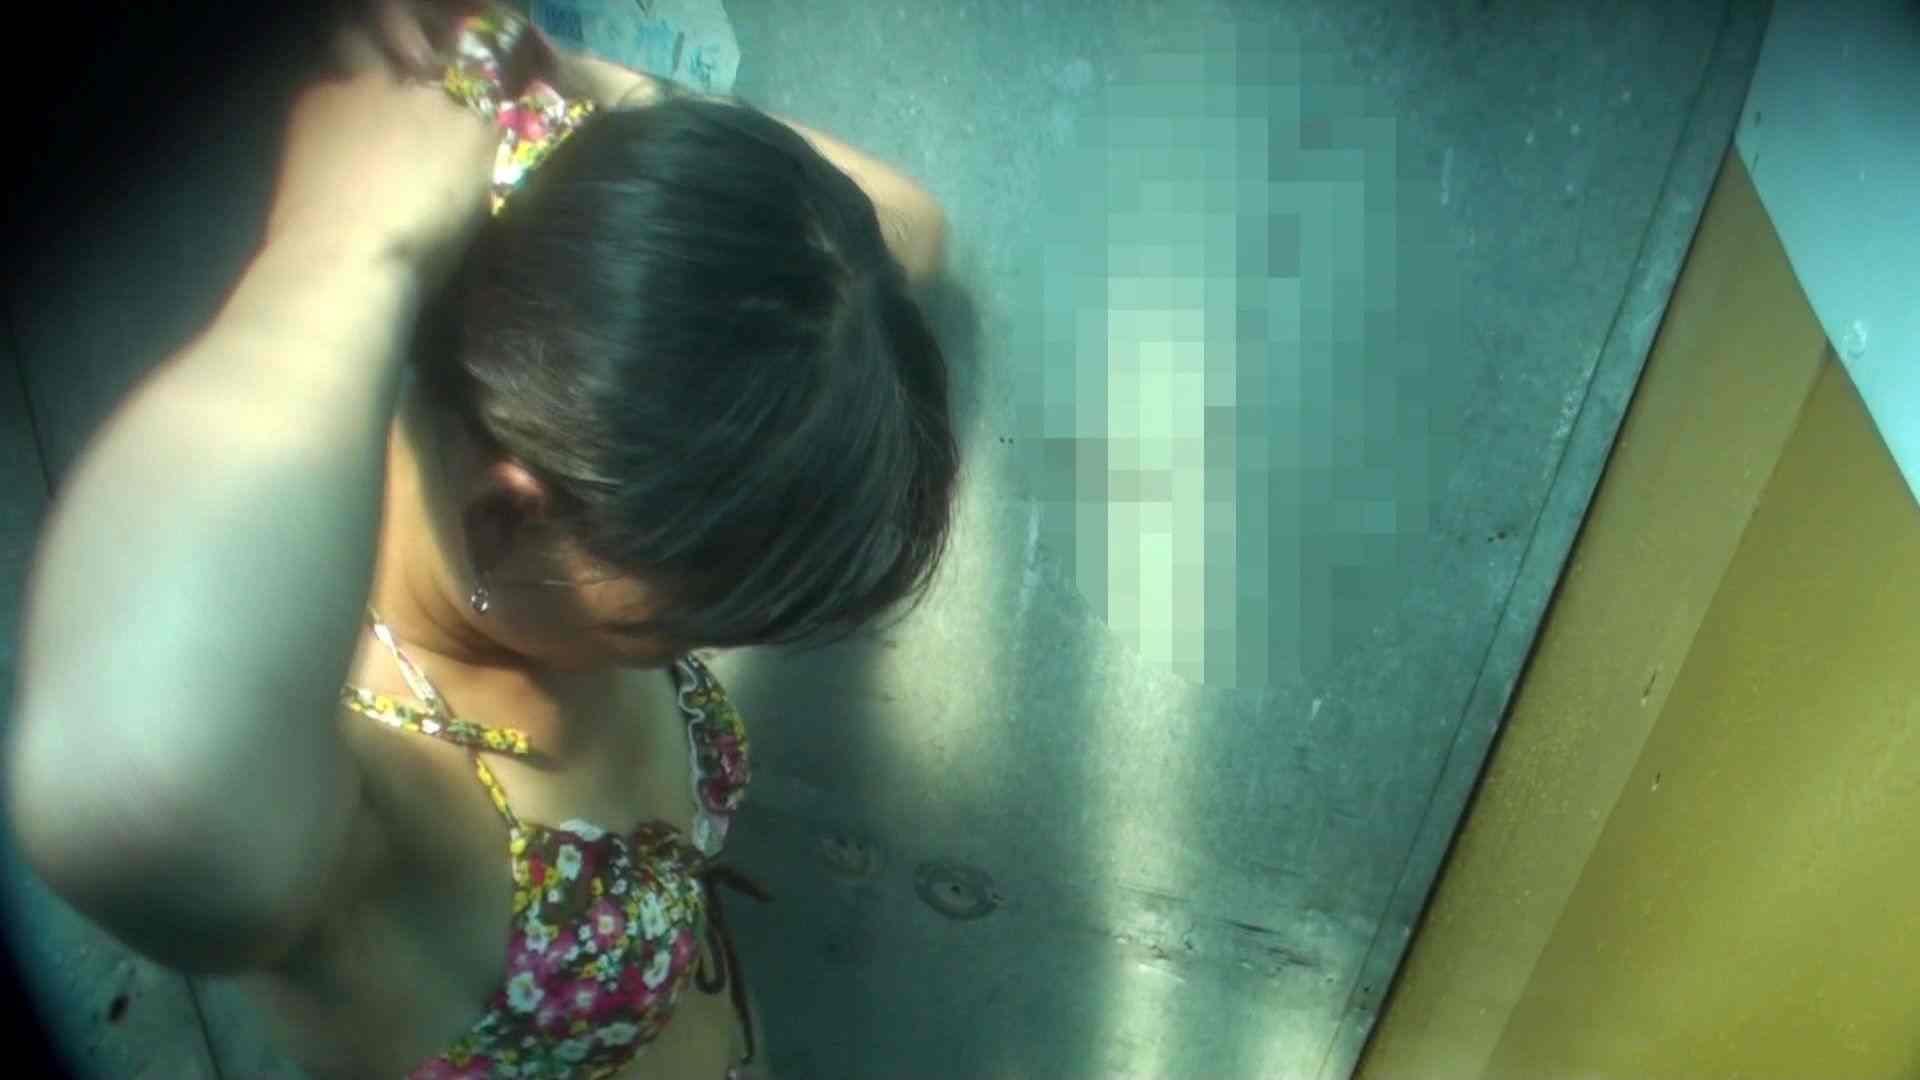 シャワールームは超!!危険な香りVol.16 意外に乳首は年増のそれ 乳首 | OLの実態  61pic 41